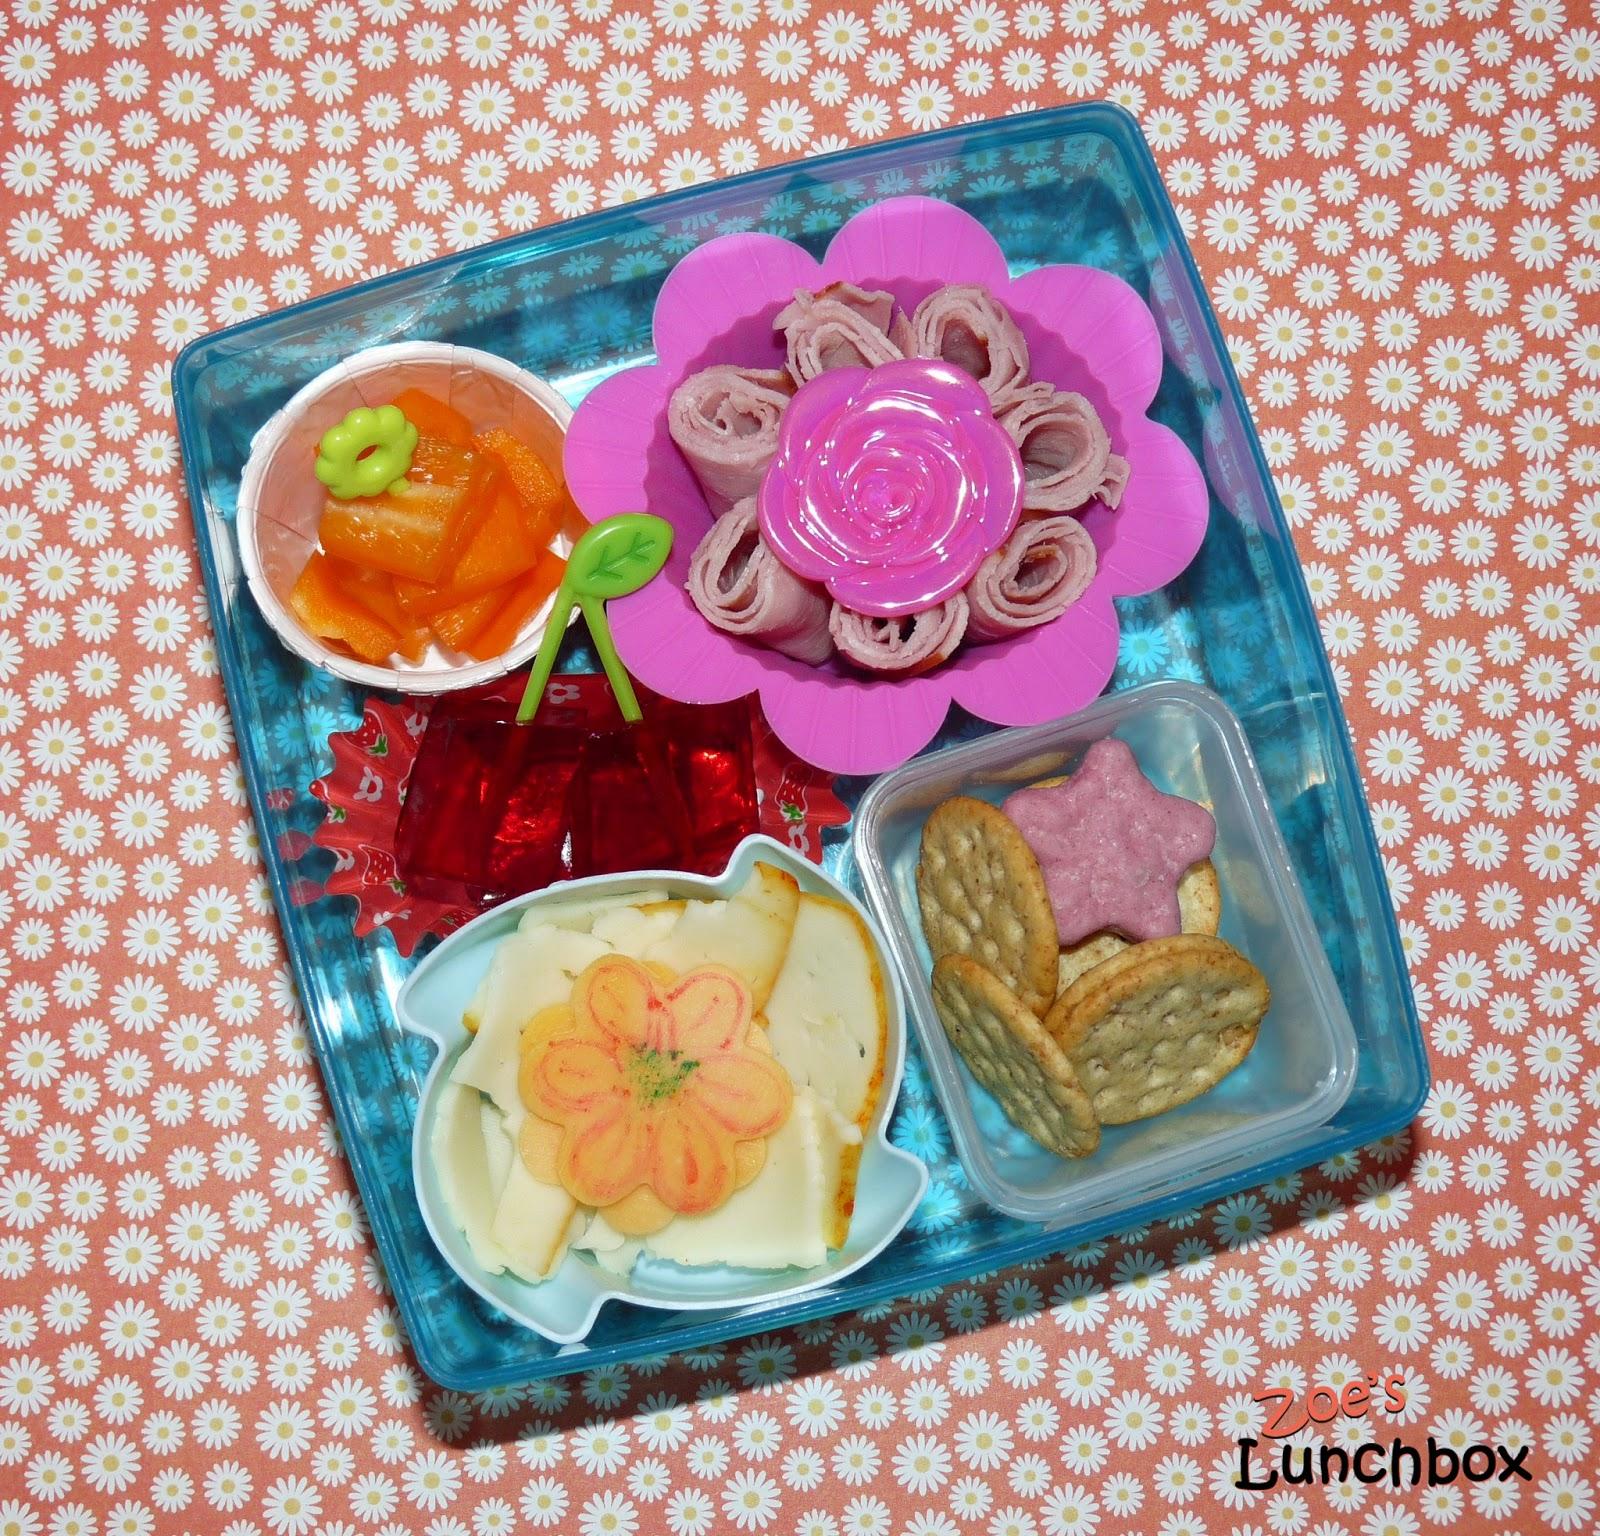 Kindergarten bento lunch